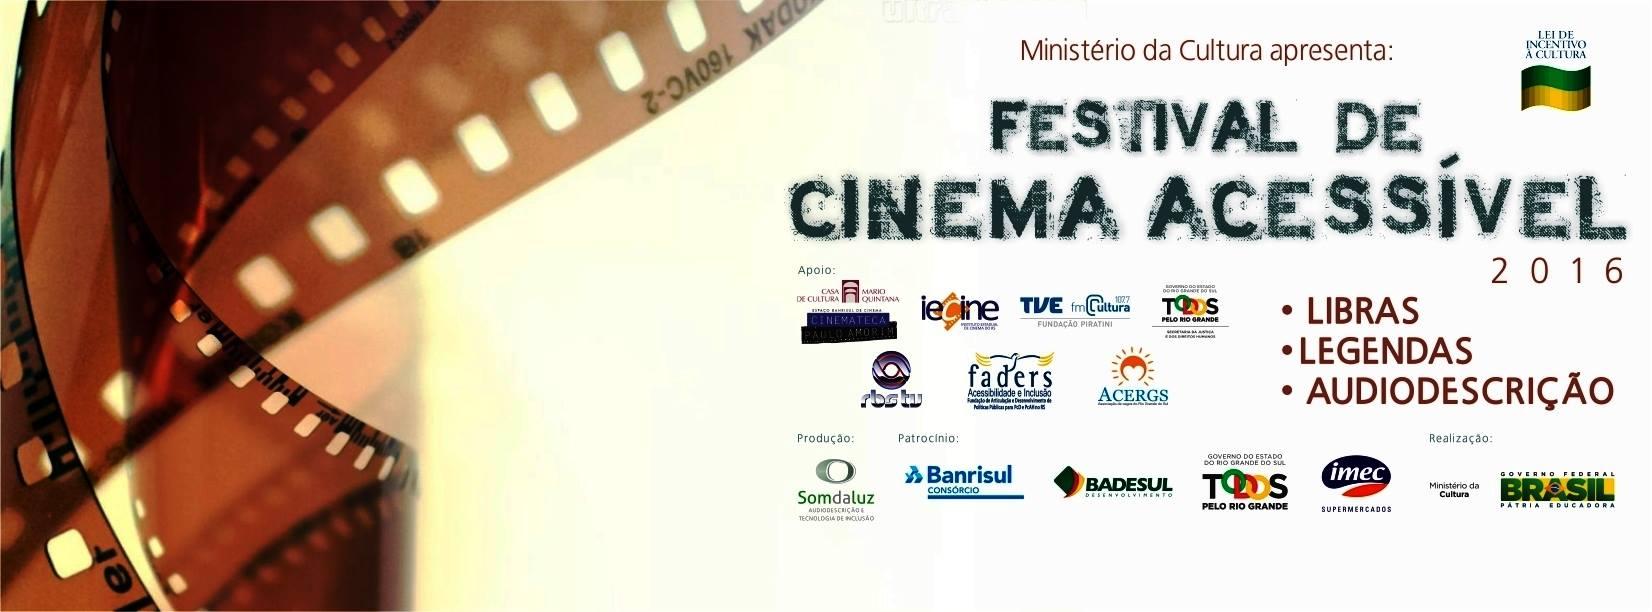 logo do festival. info no texto.